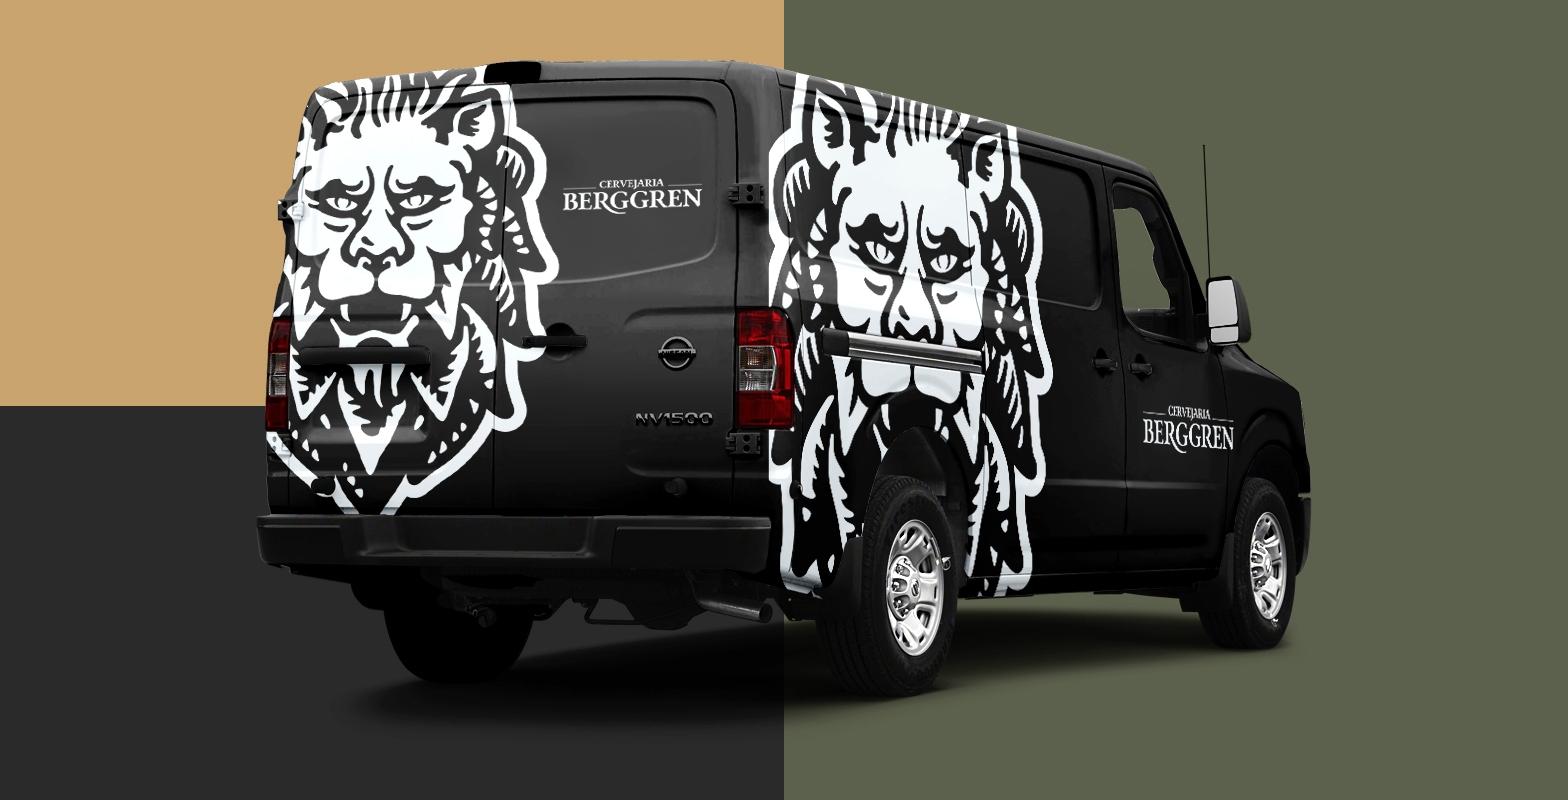 Berggren Bier - Identidade visual e Branding (13)